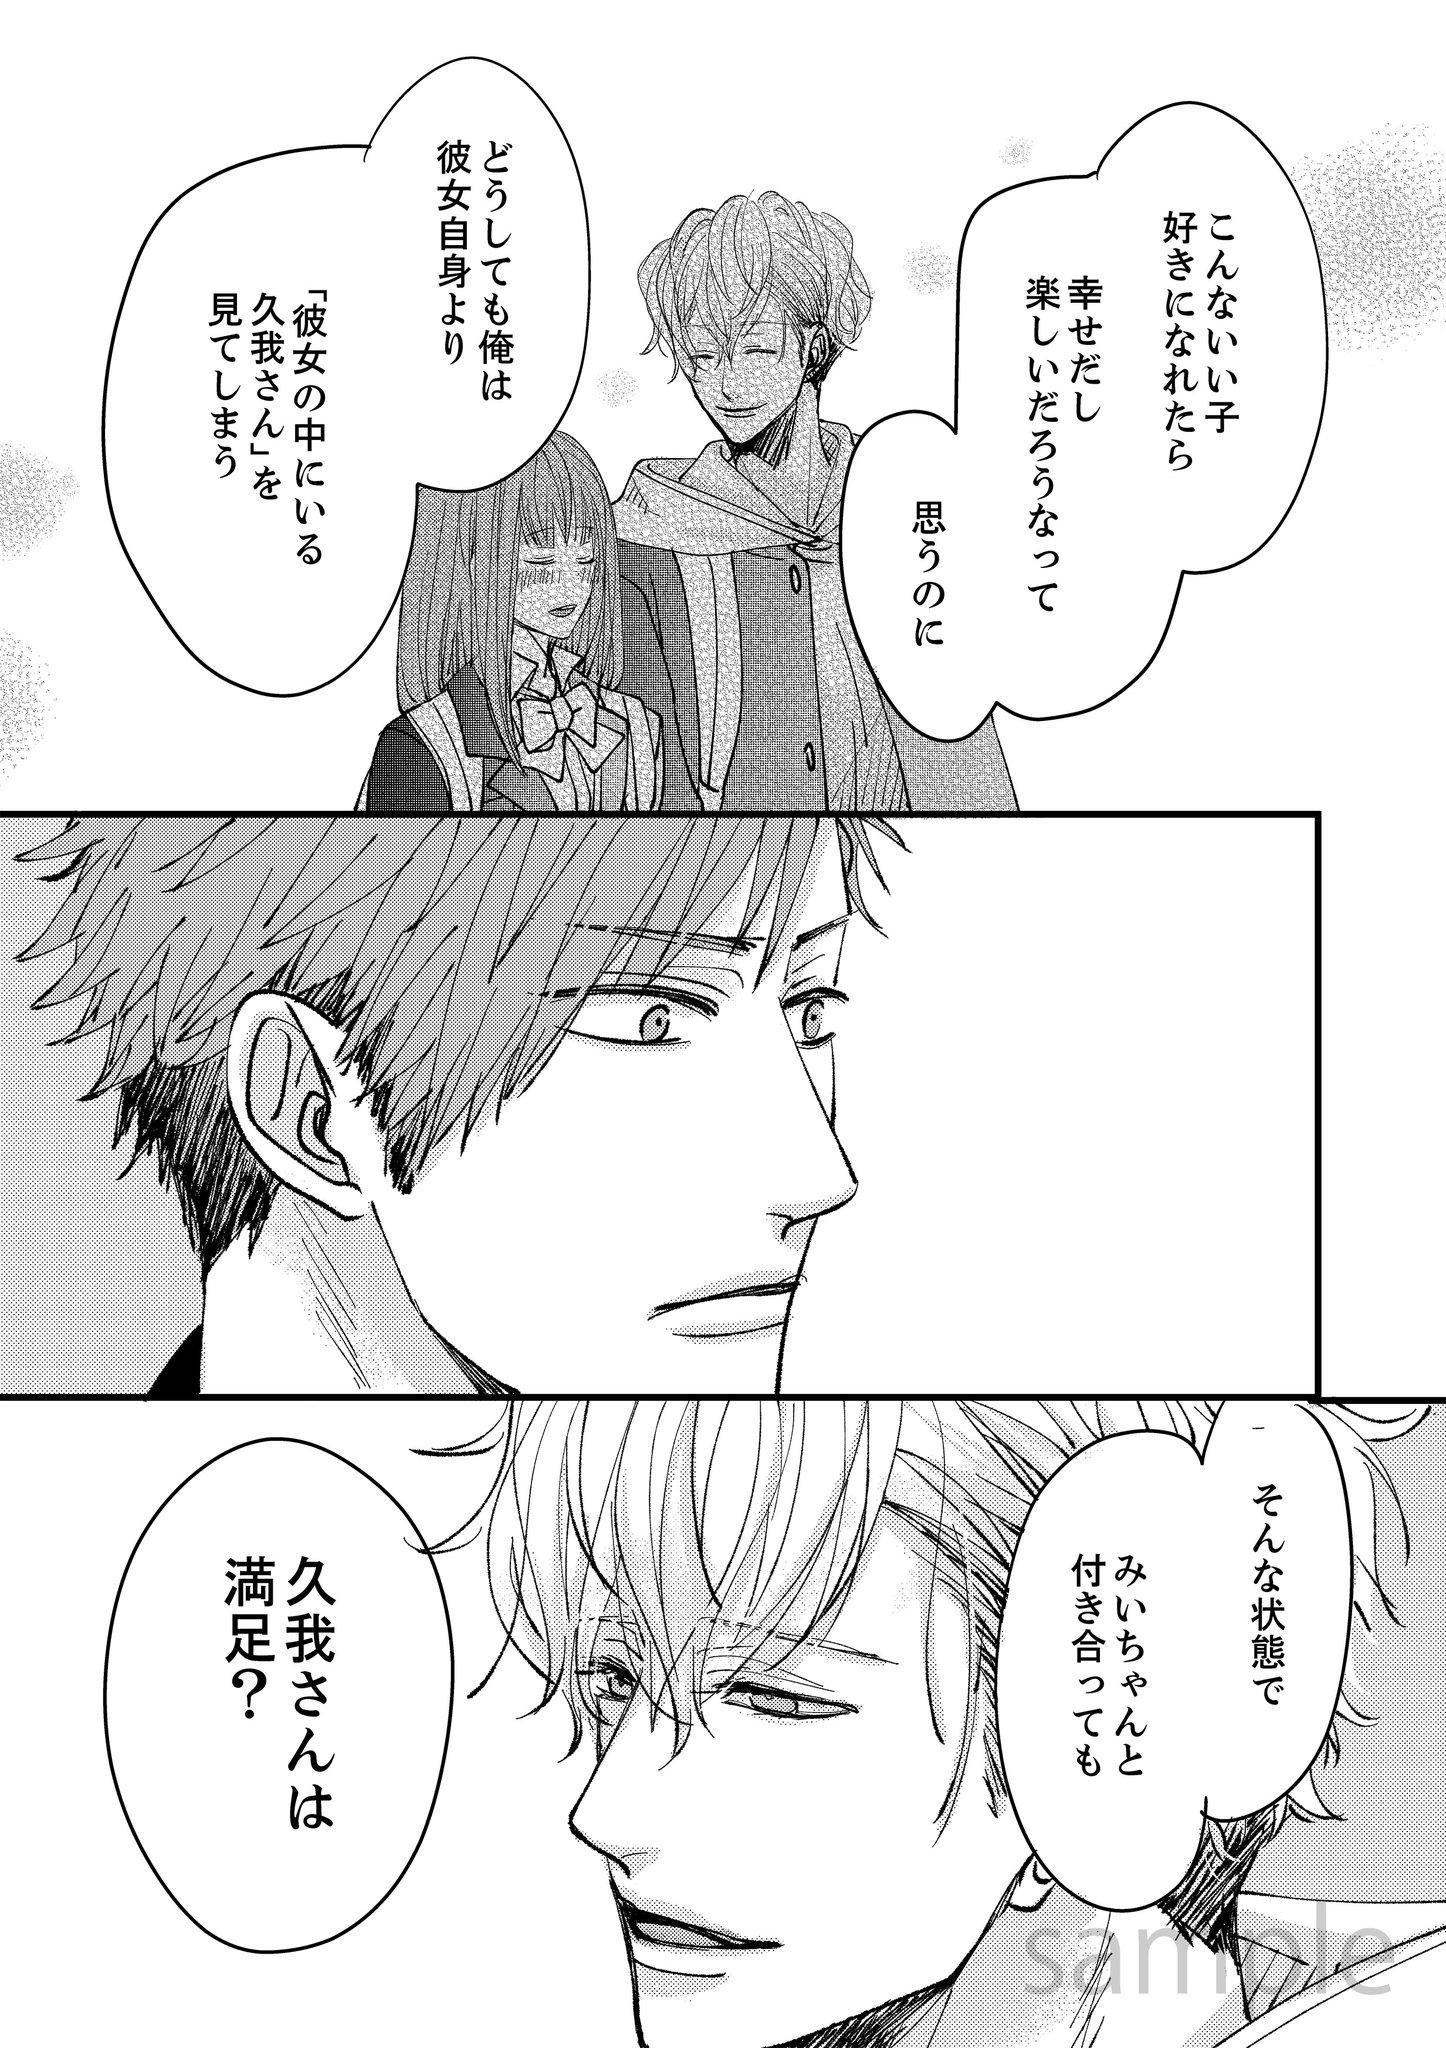 上田 シーモア 愛華 コミック